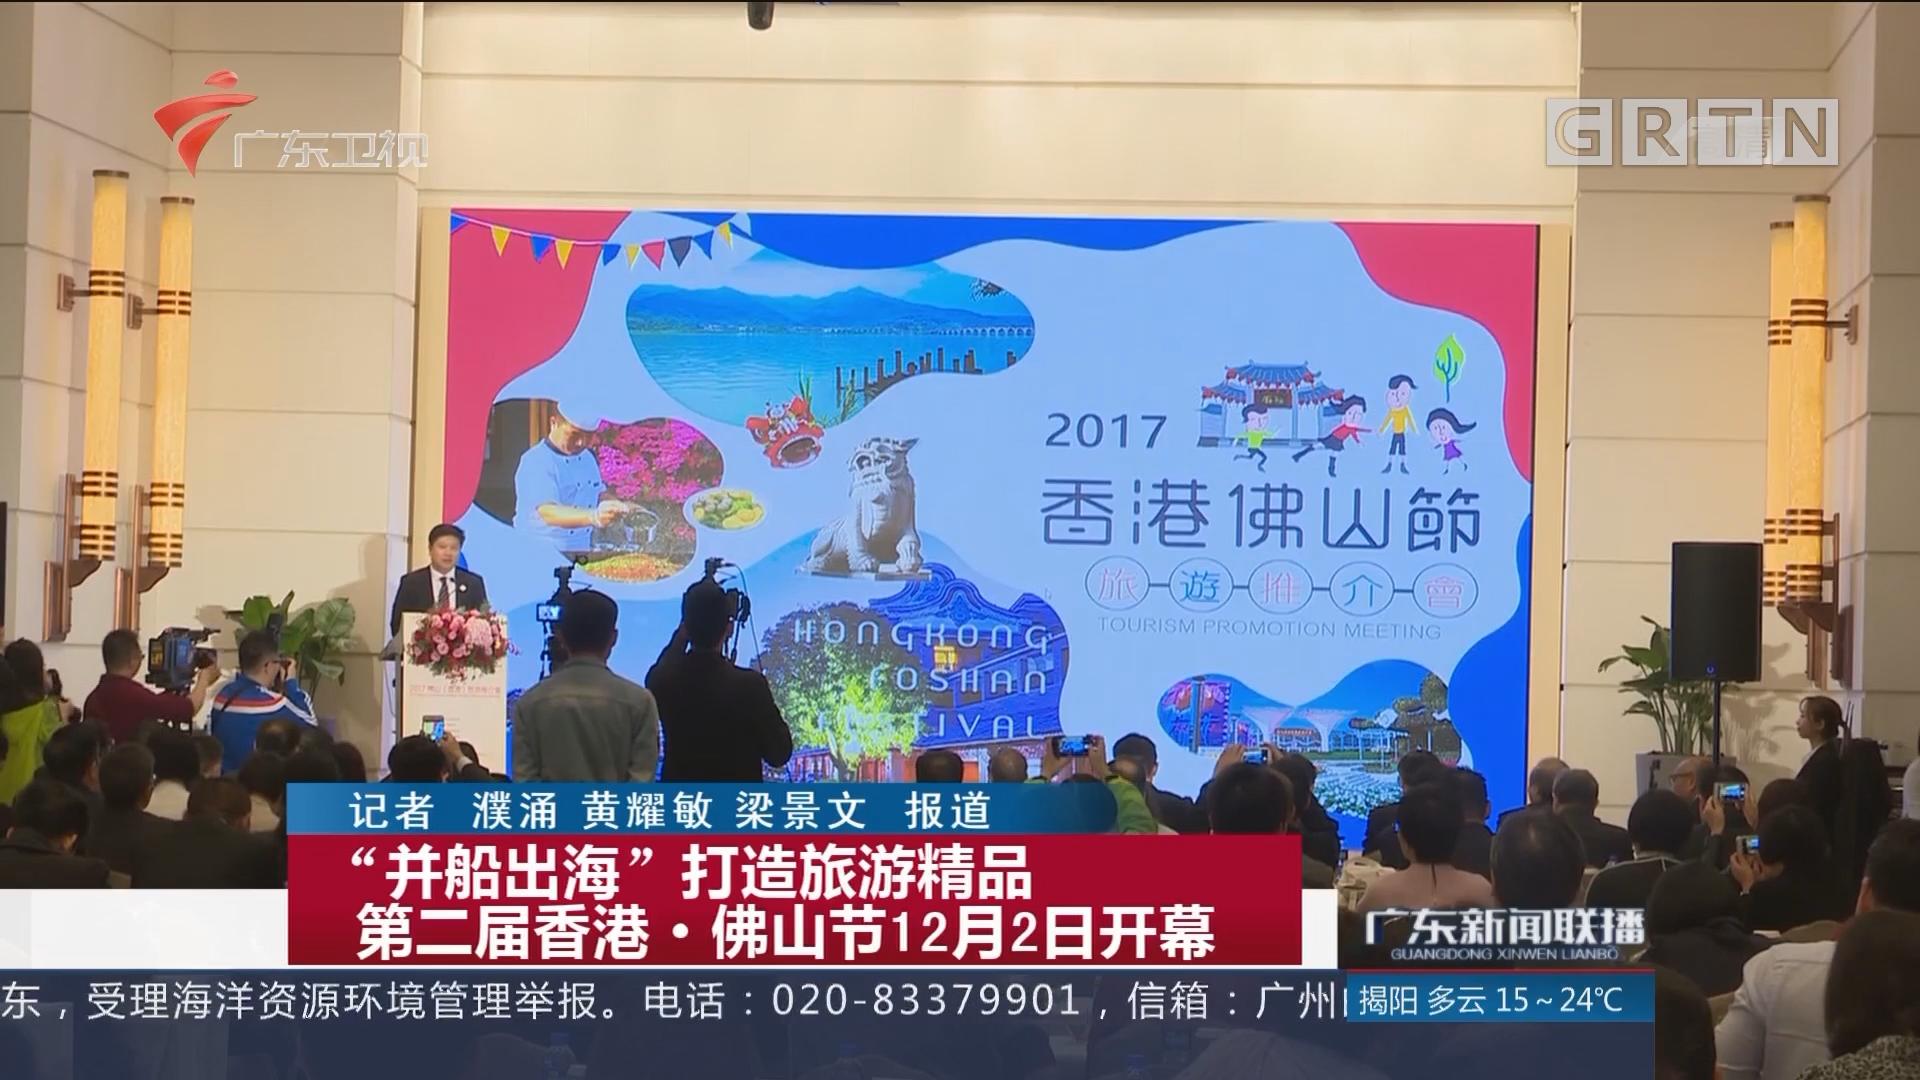 """""""并船出海""""打造旅游精品 第二届香港·佛山节12月2日开幕"""